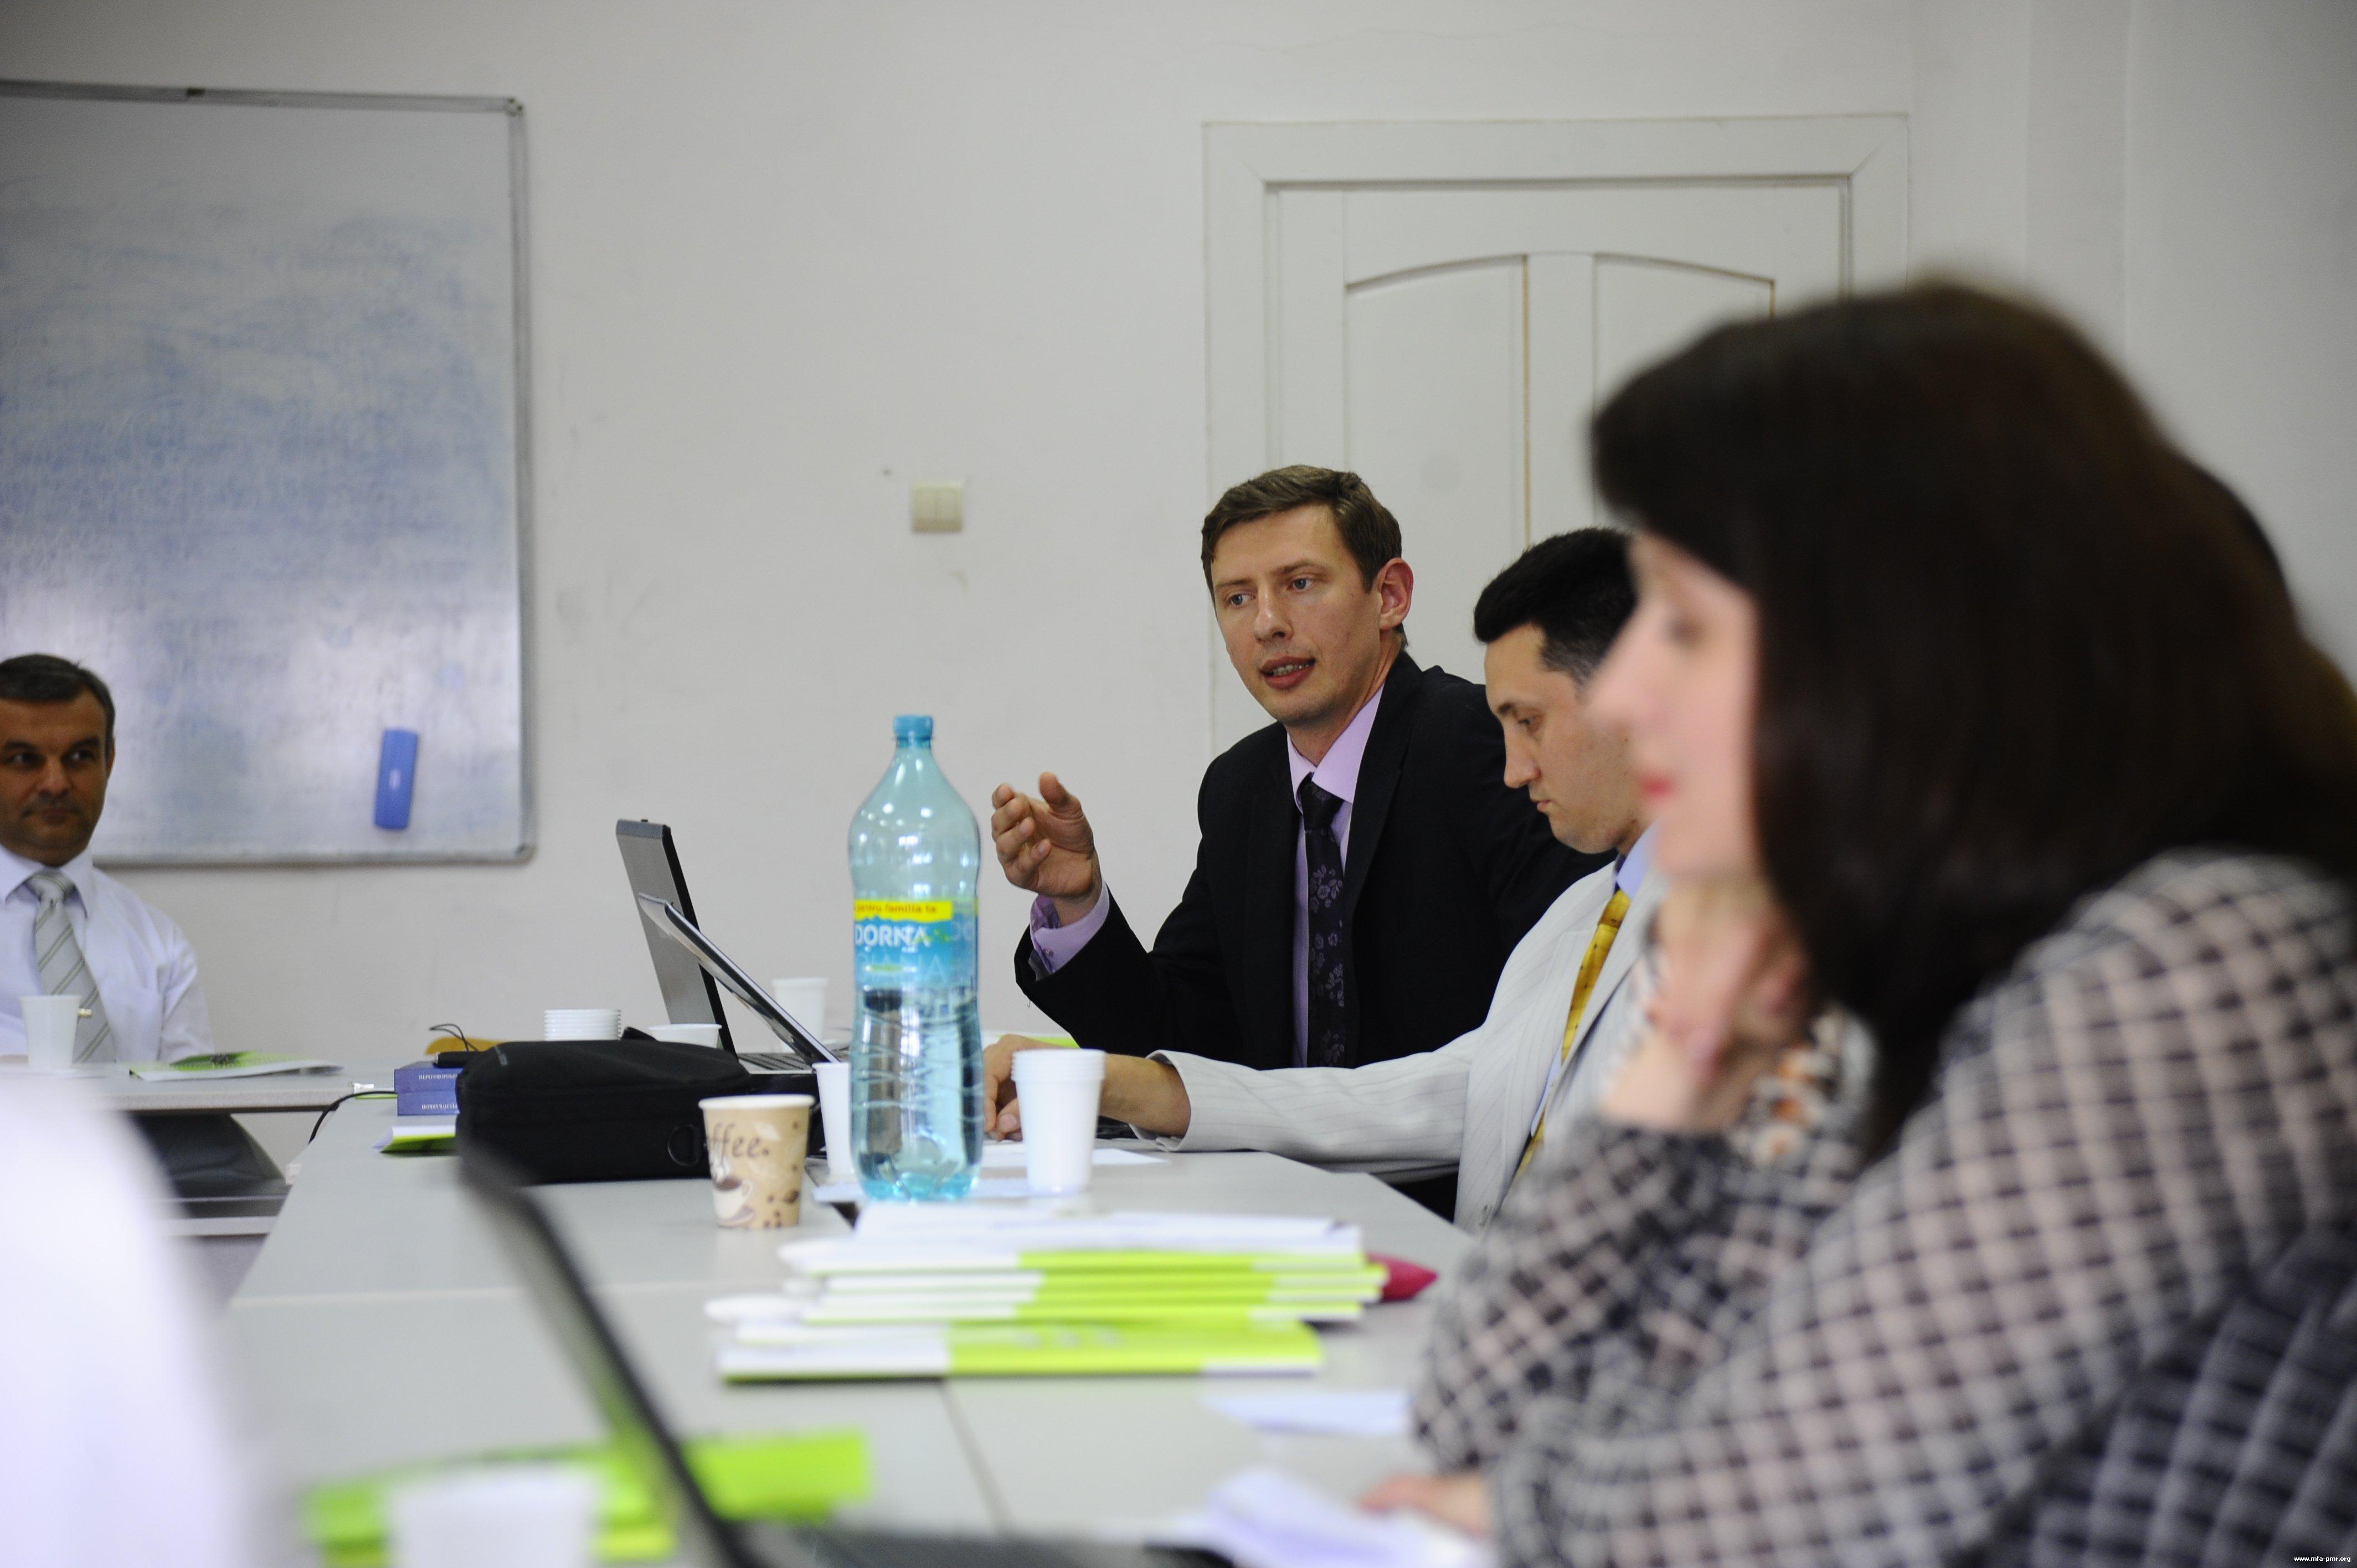 Приднестровские эксперты приняли участие в конференции по безопасности в г. Сибиу